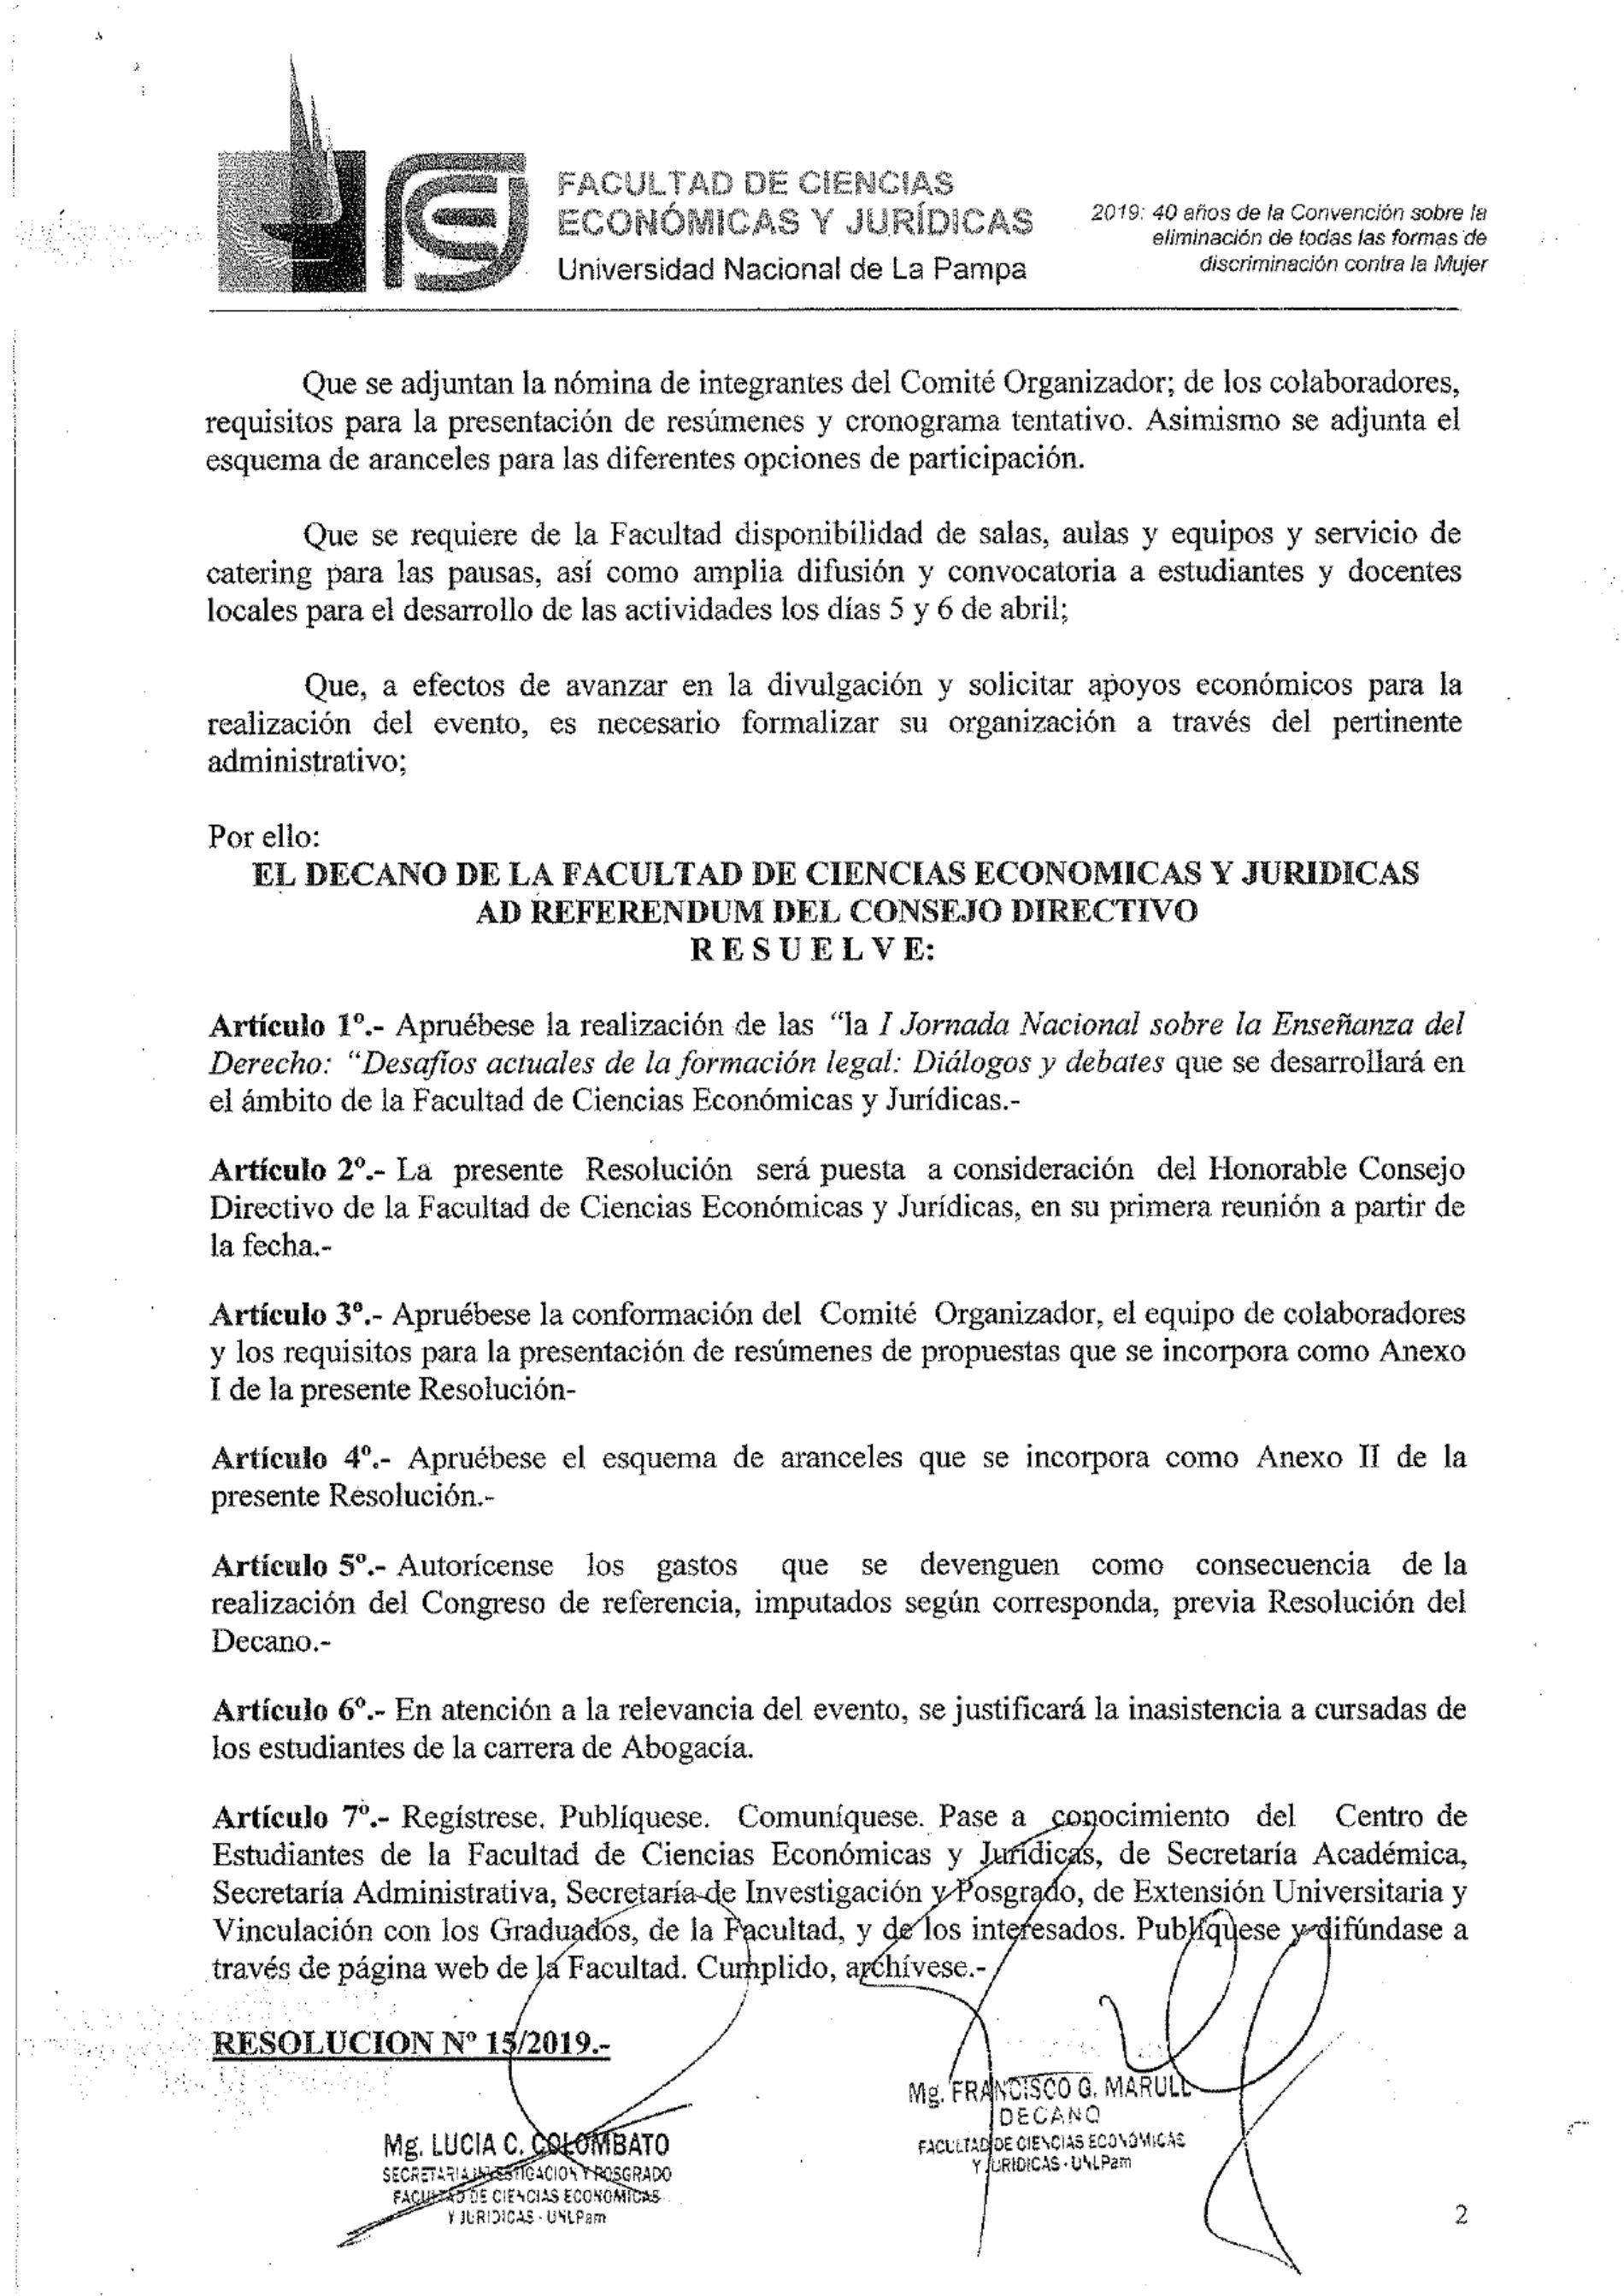 I JORNADA NACIONAL SOBRE LA ENSEÑANZA DEL DERECHO